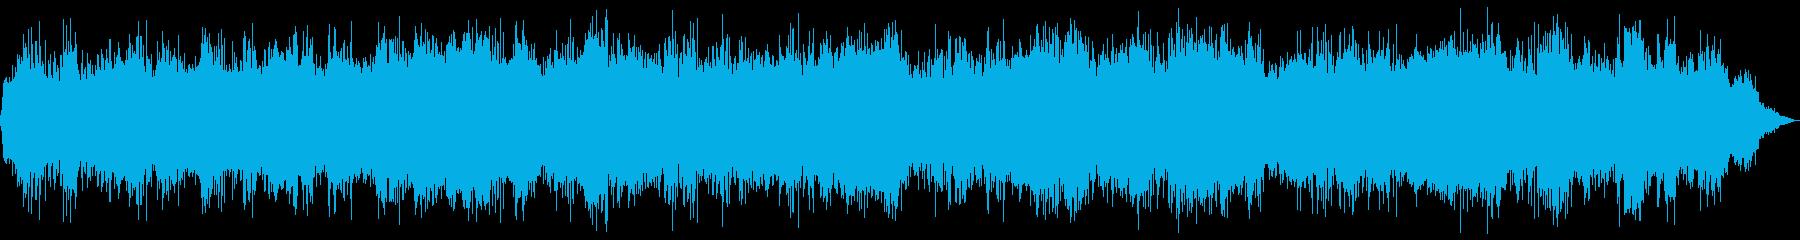 サスペンスフルフラタリングドローン...の再生済みの波形